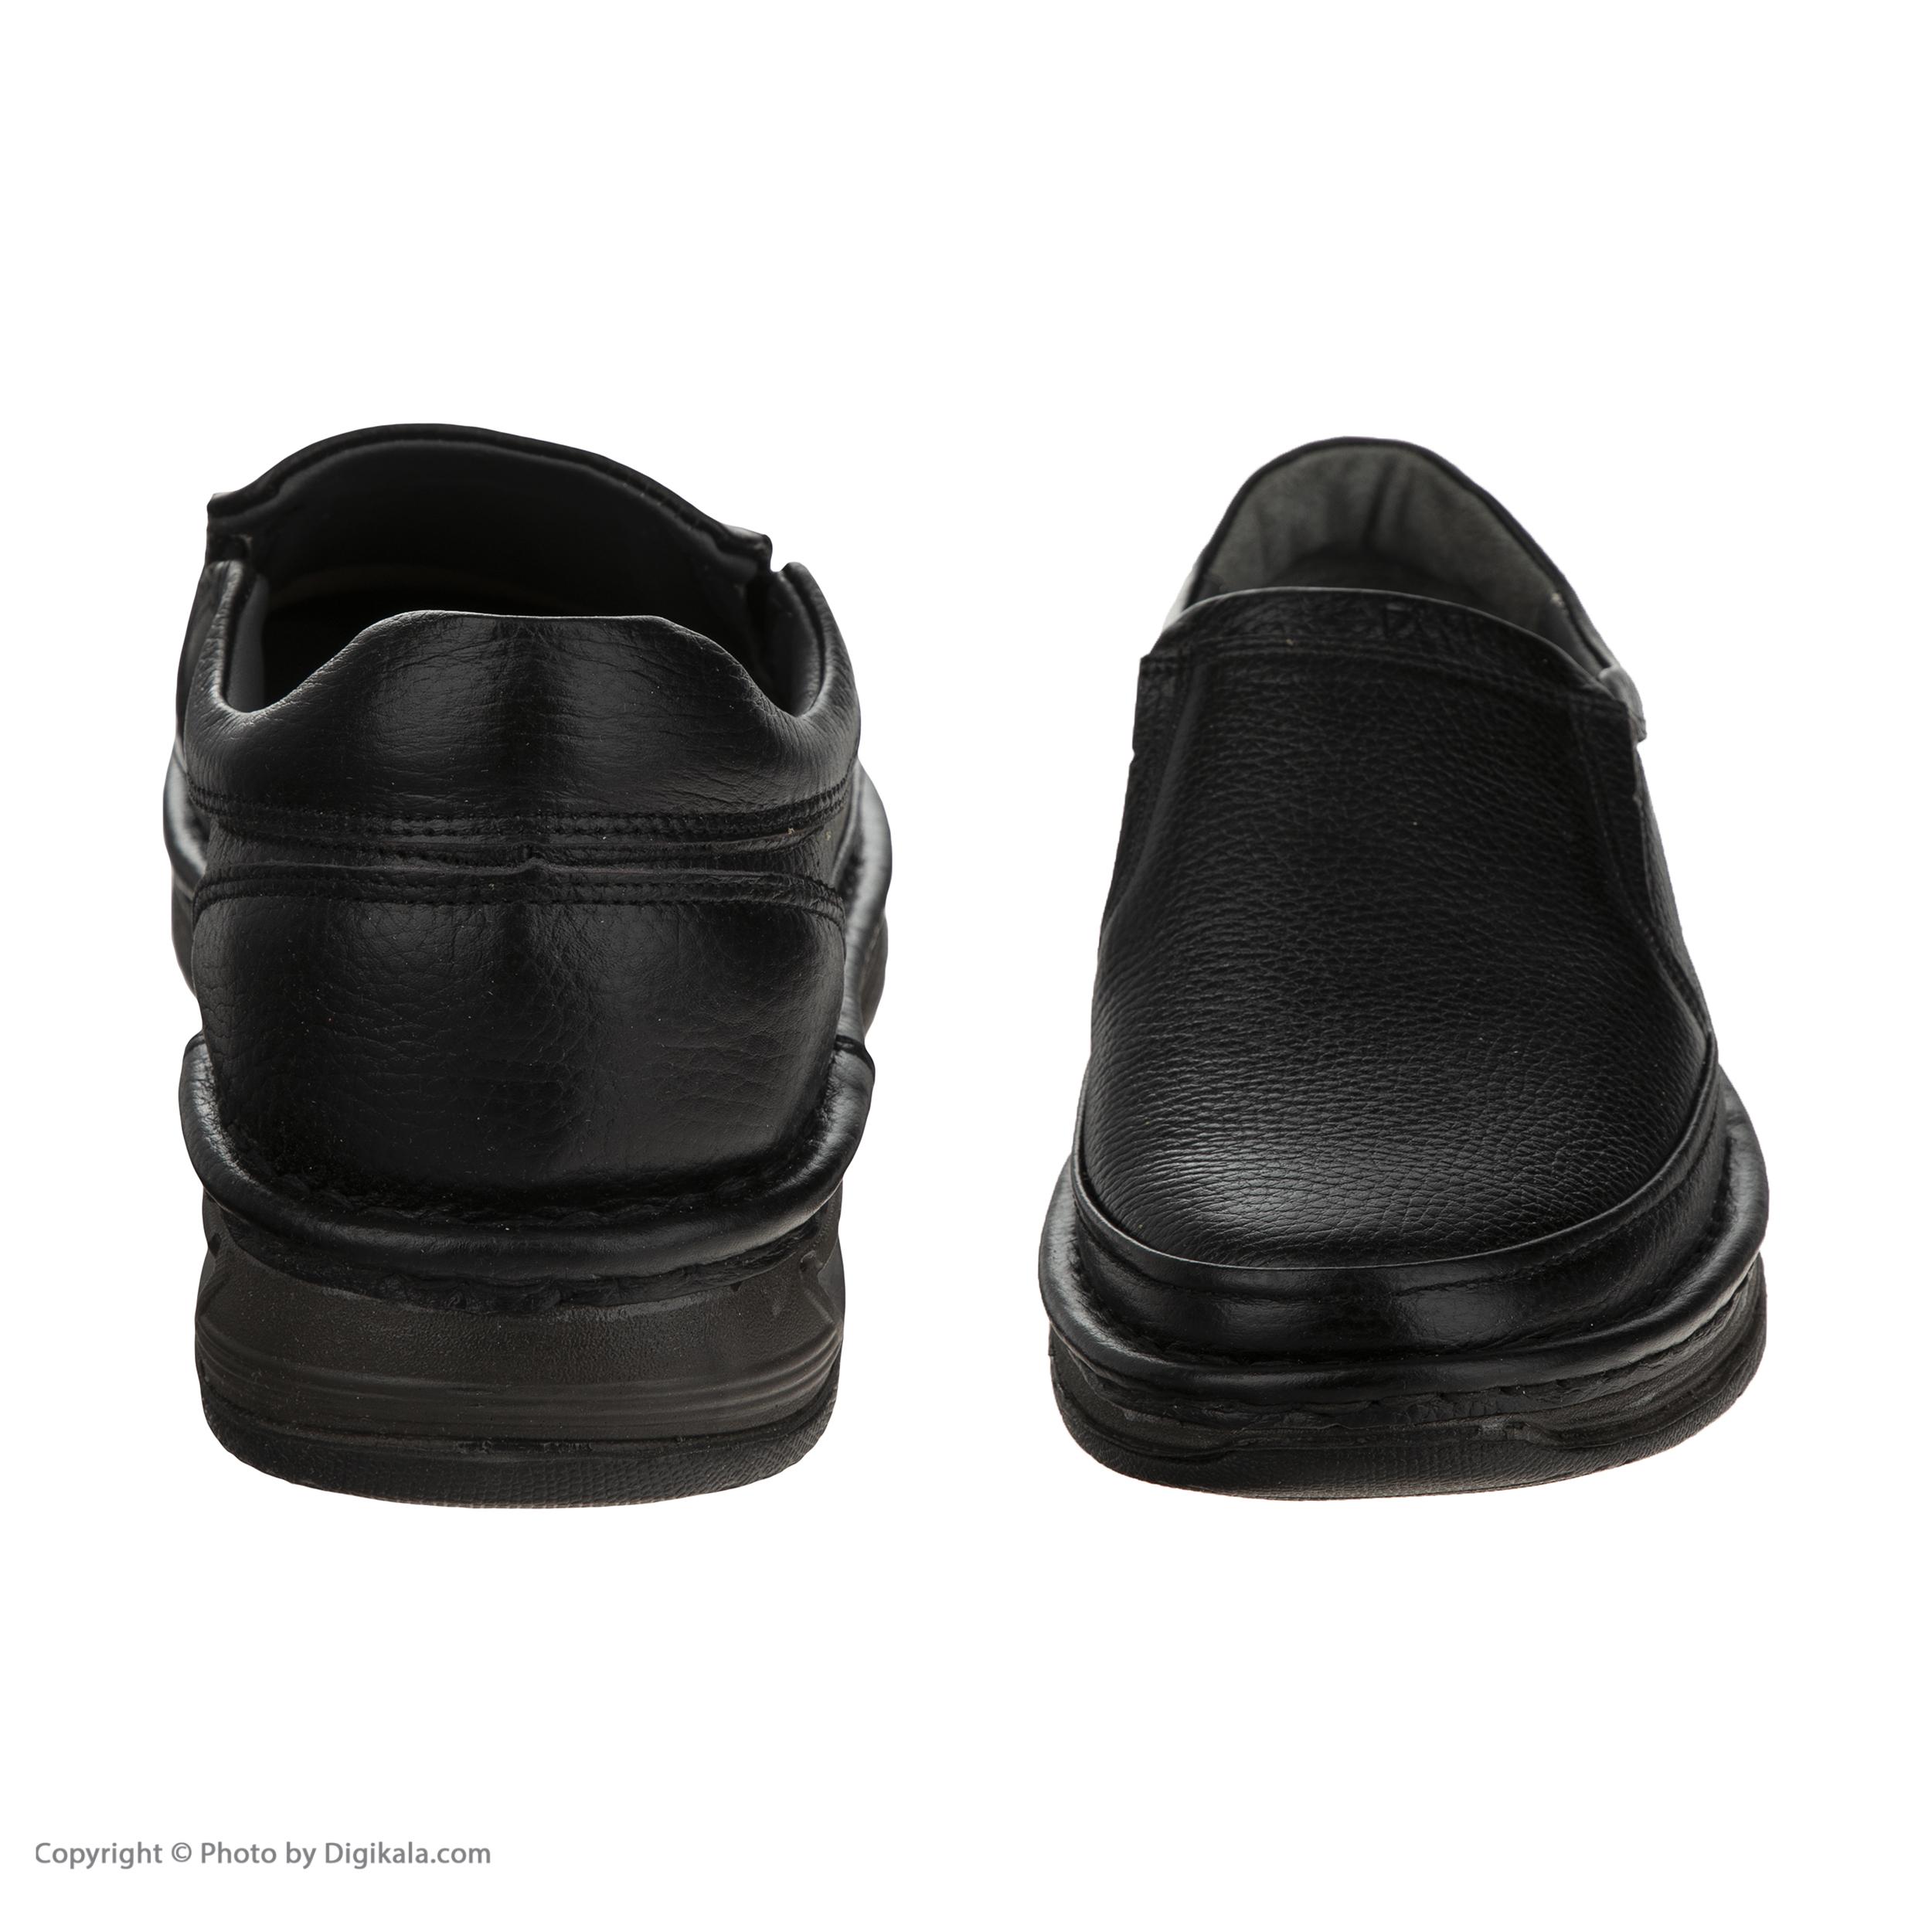 کفش روزمره مردانه بلوط مدل 7292A503101 -  - 5